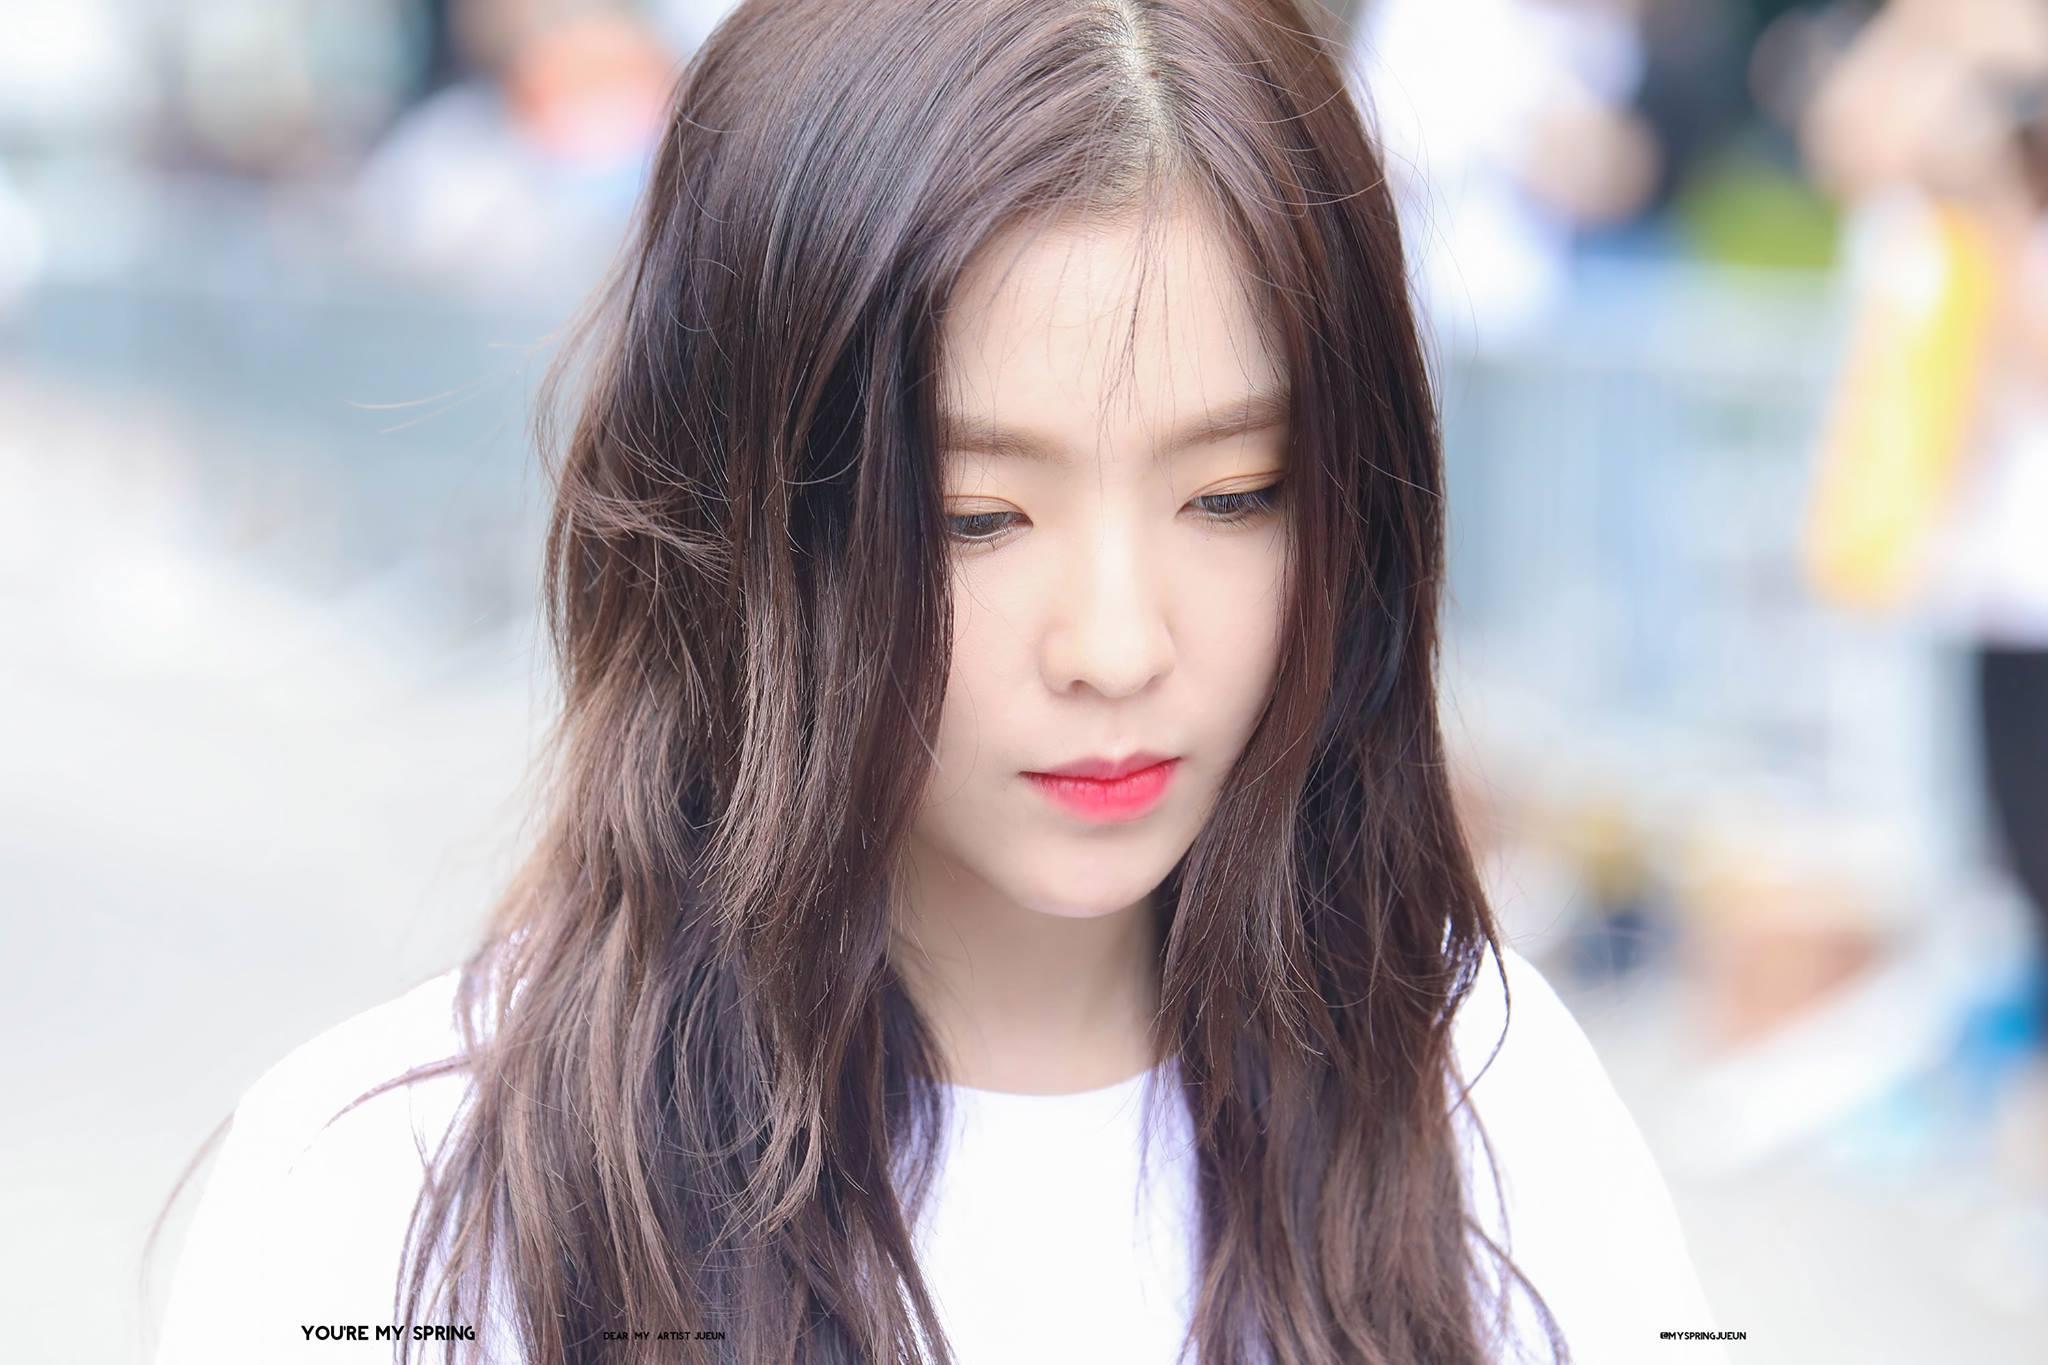 nu than kpop 5